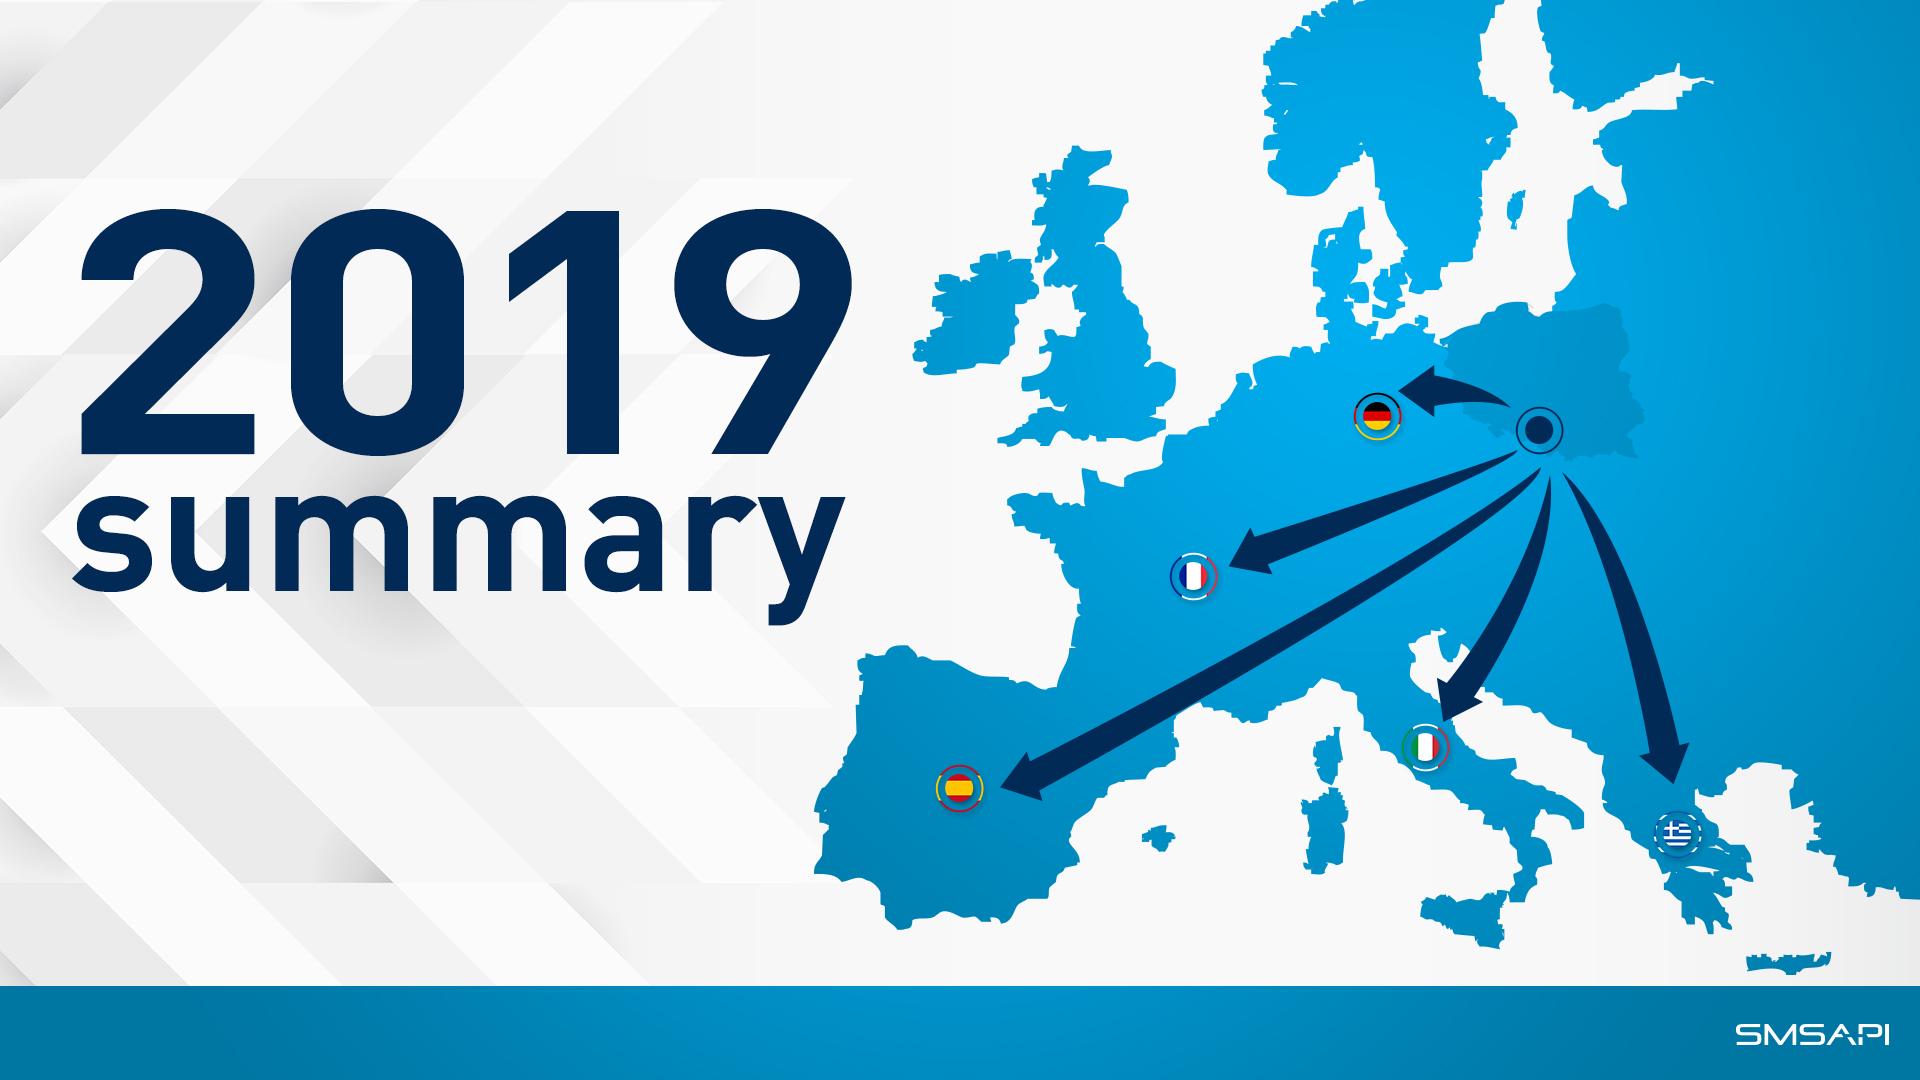 SMSAPI 2019 Summary